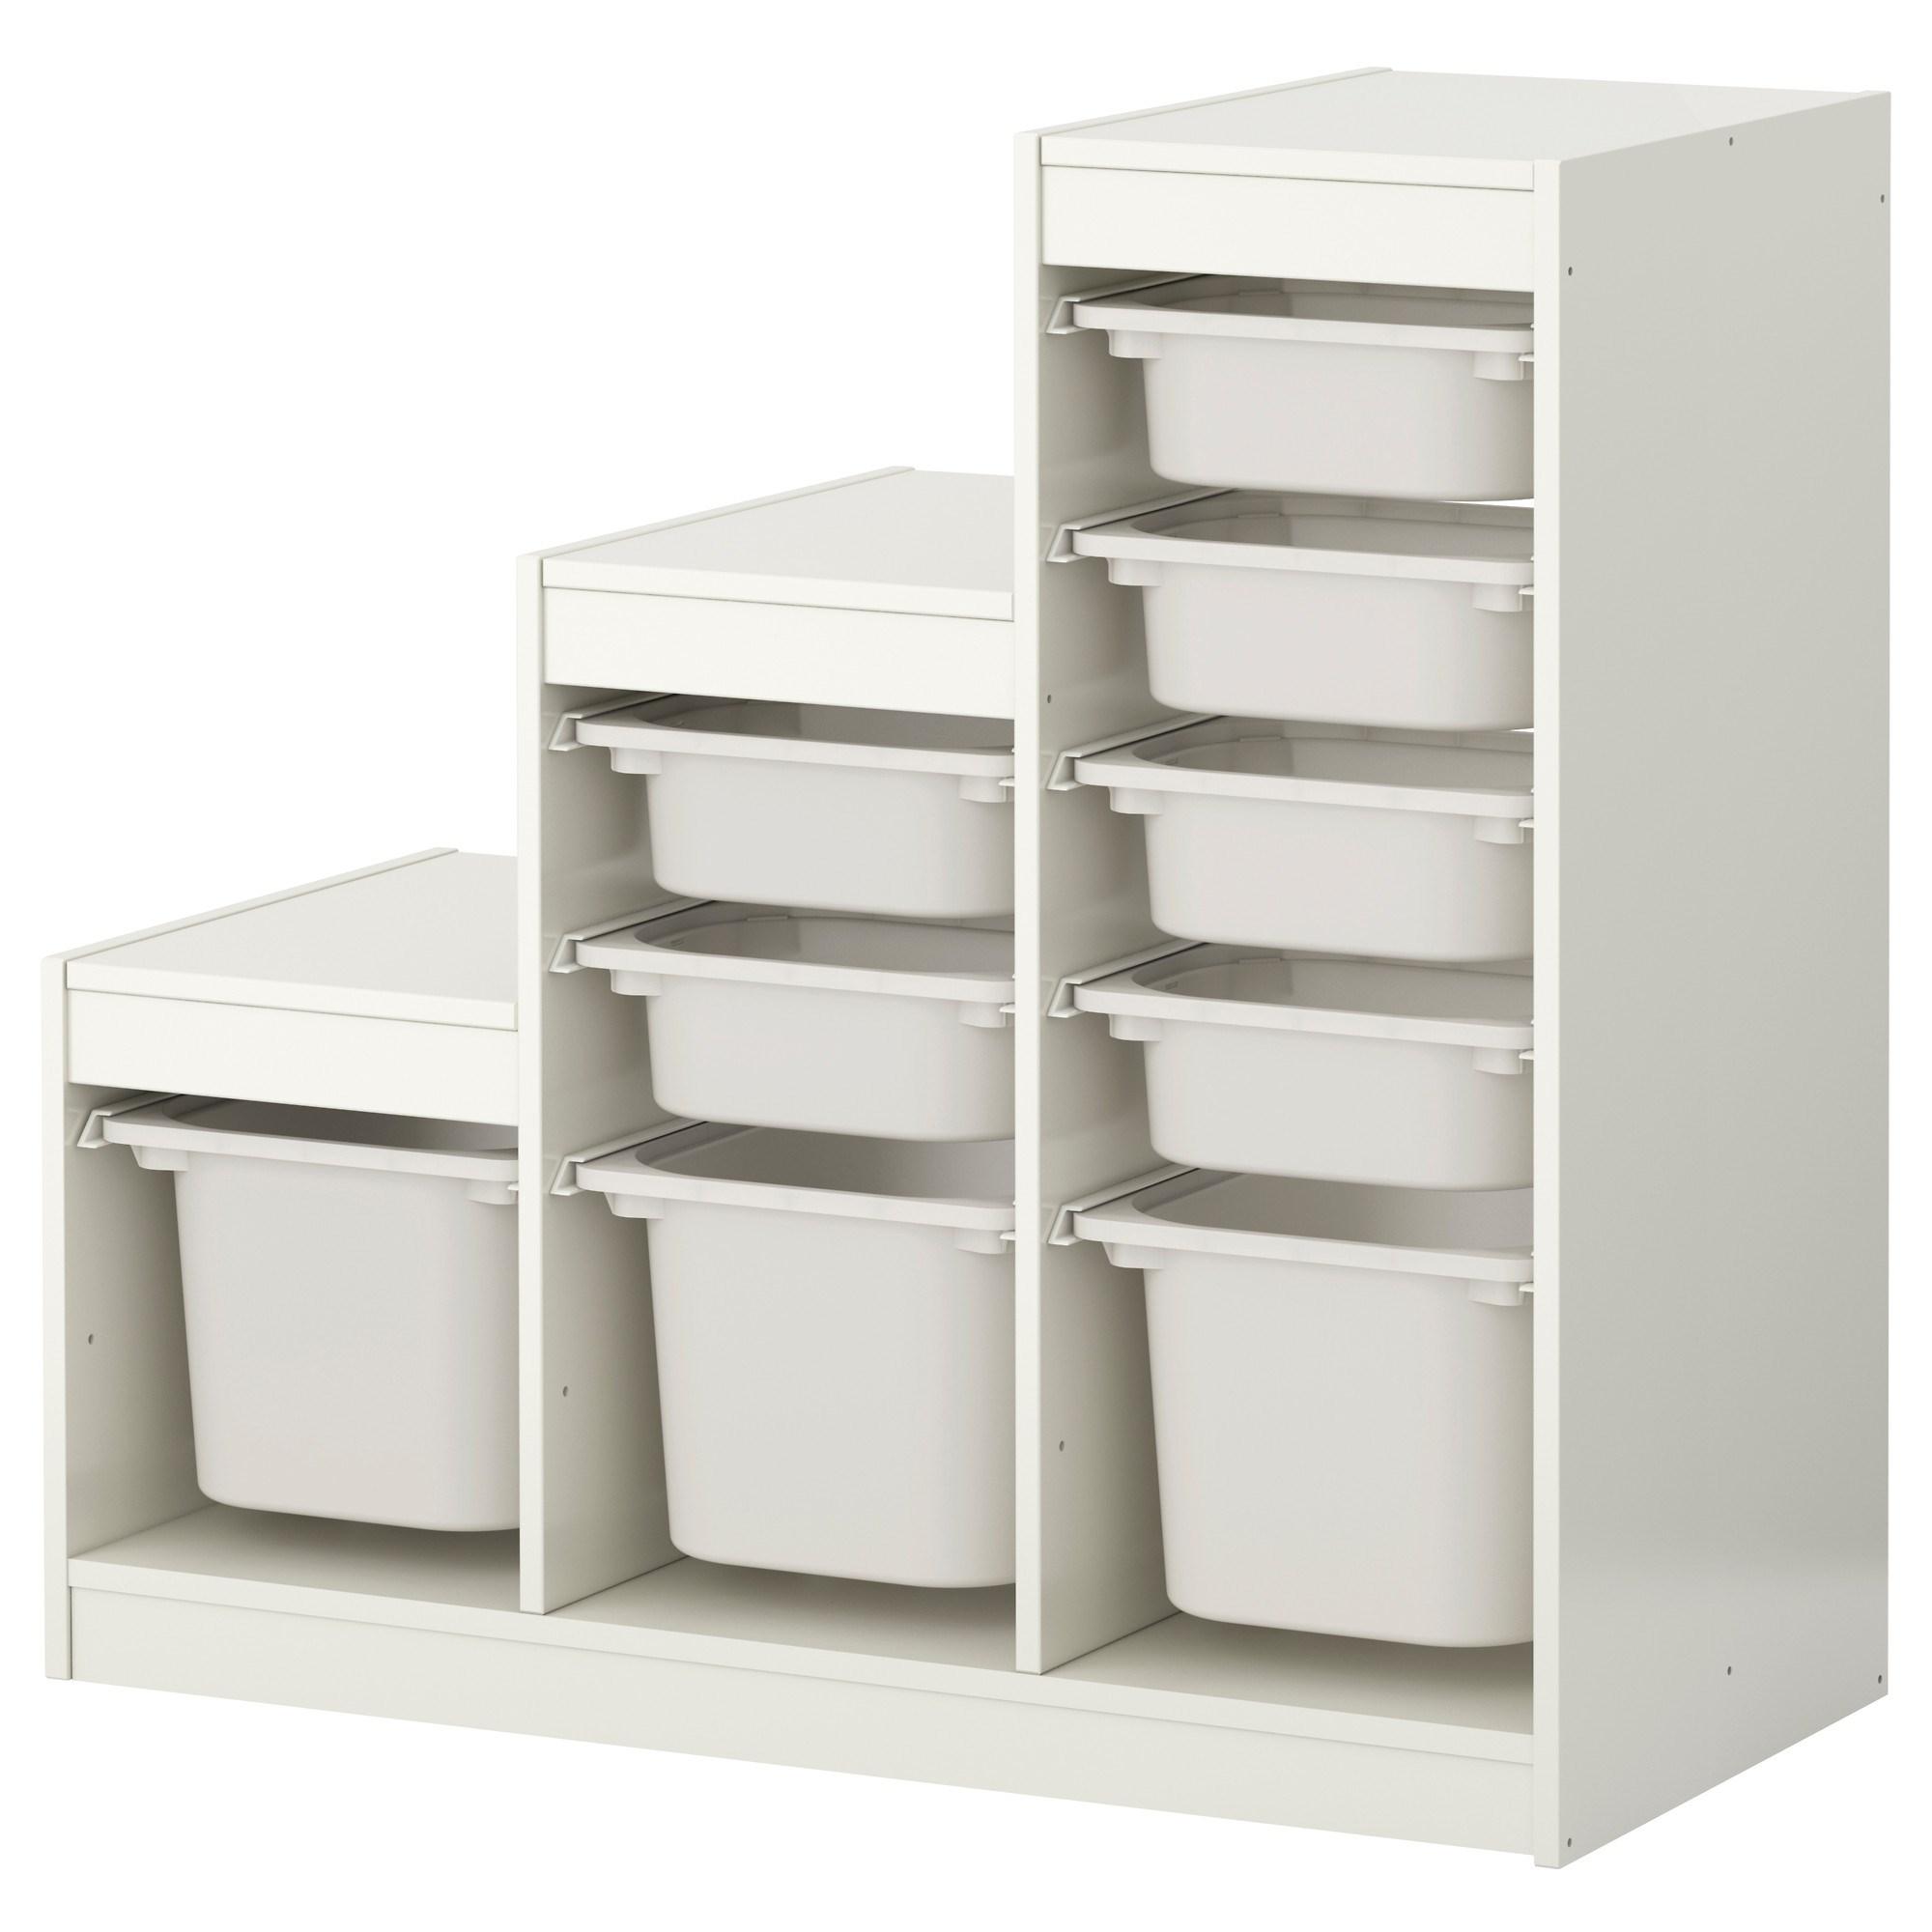 Ikea Plastic Storage Bins Credainatconcom